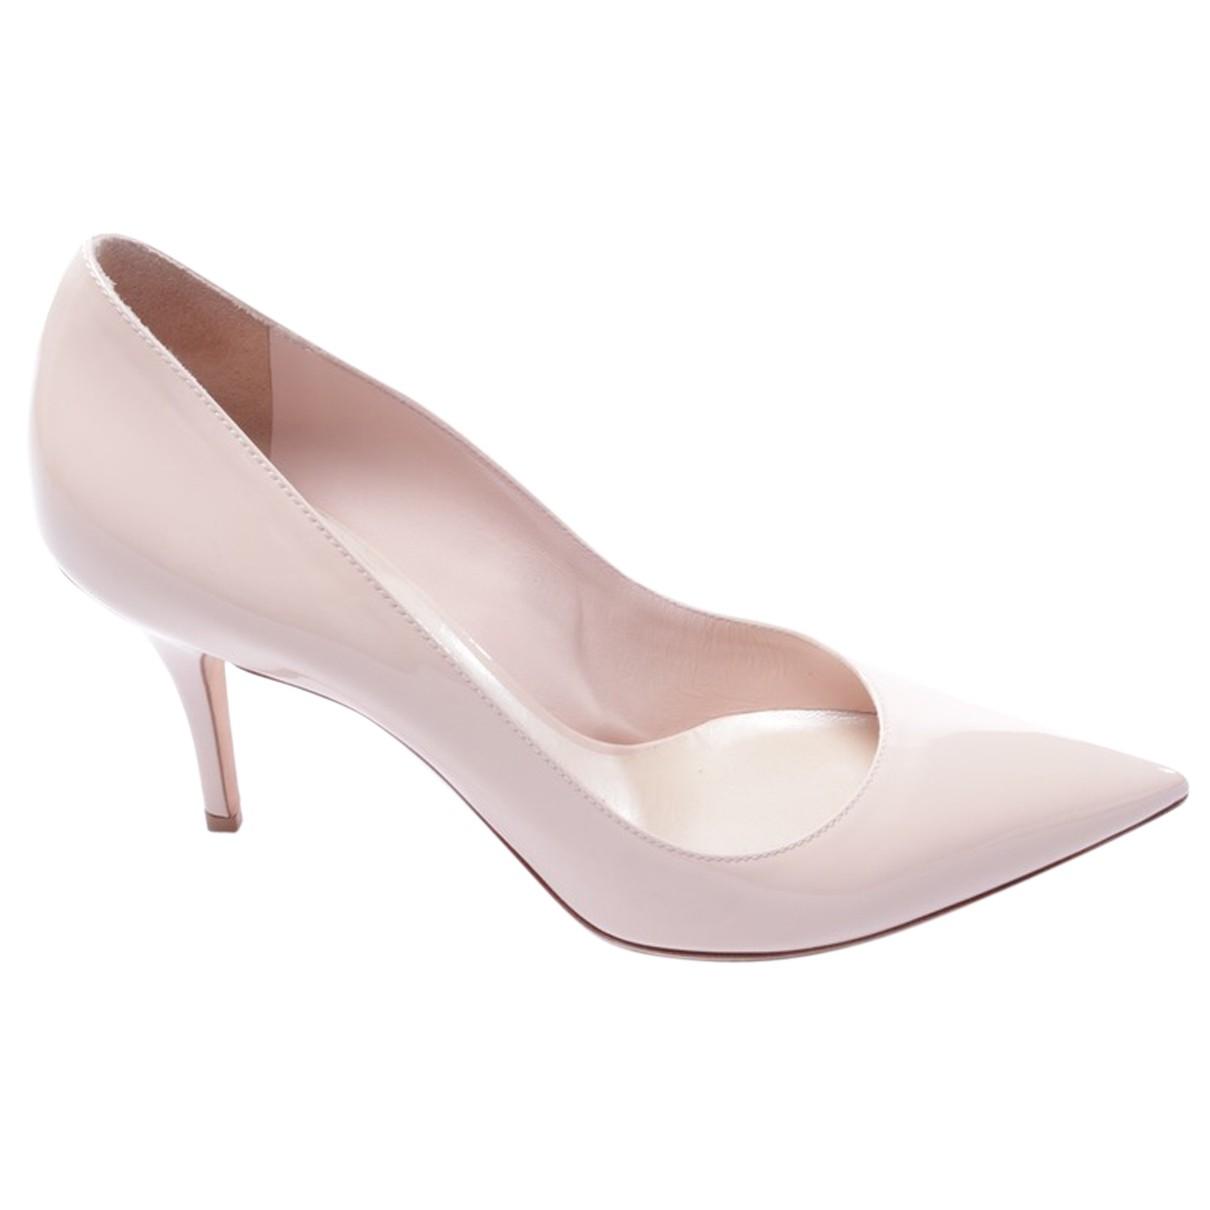 Dior - Escarpins   pour femme en cuir - beige